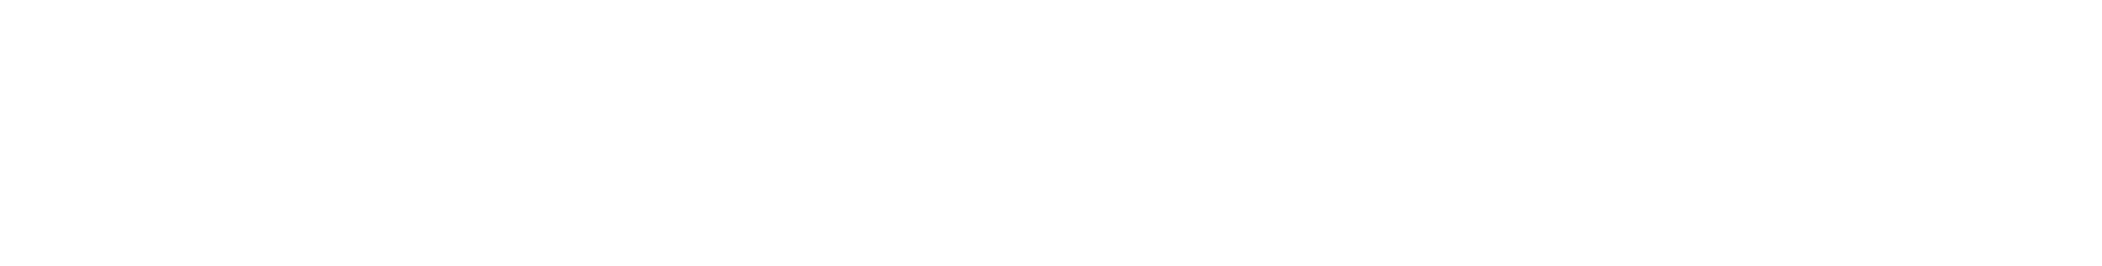 garantie de temps-sdsl-icone